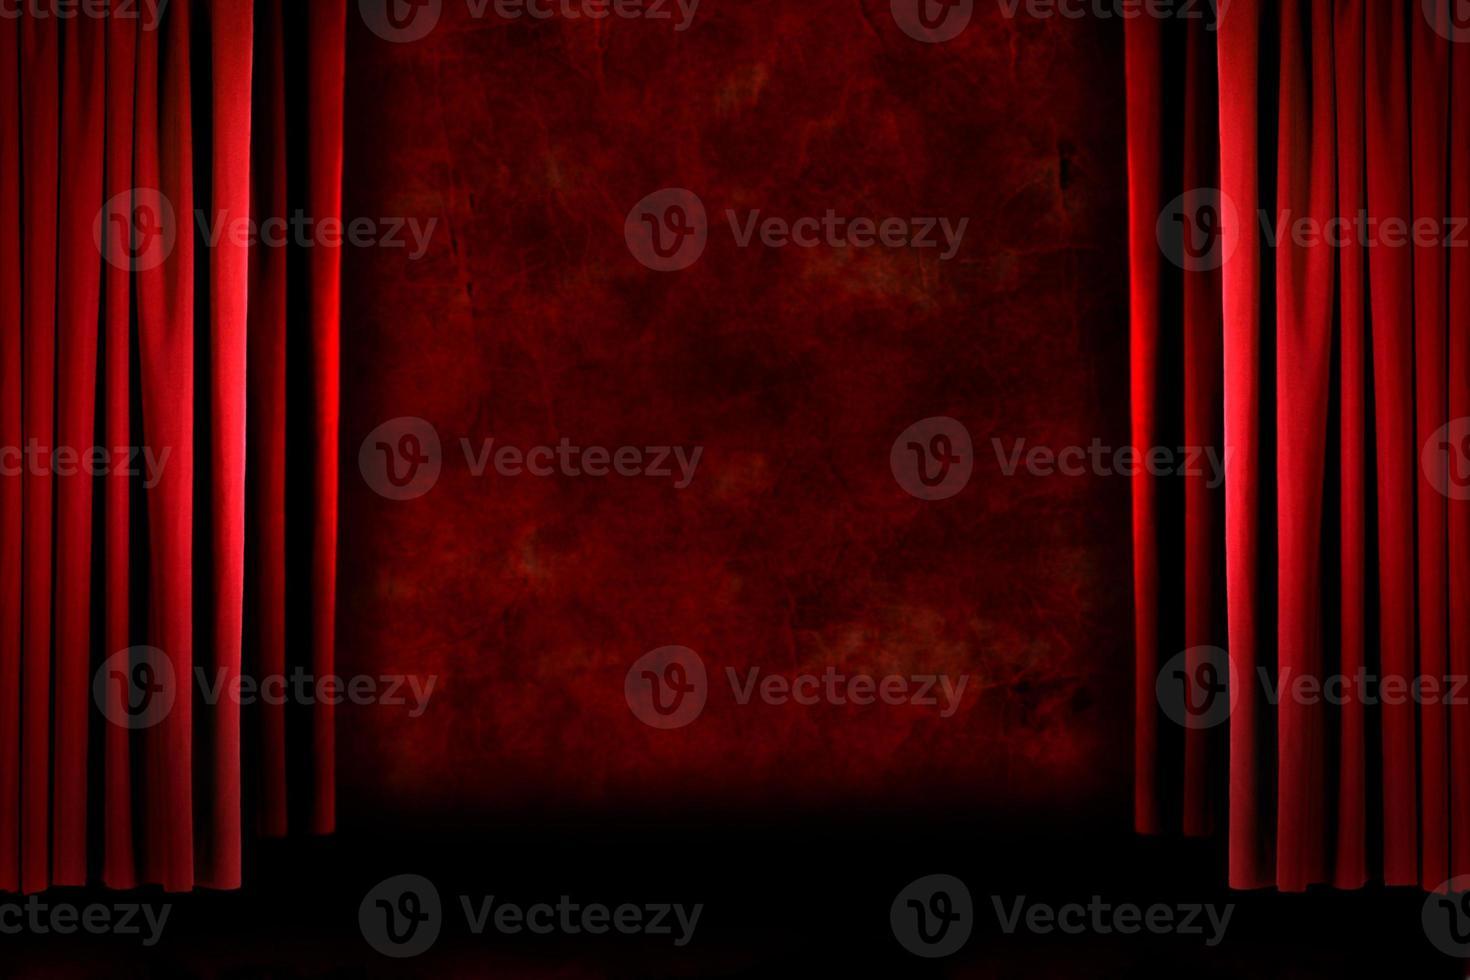 cortinas de escenario sucias anticuadas rojas foto